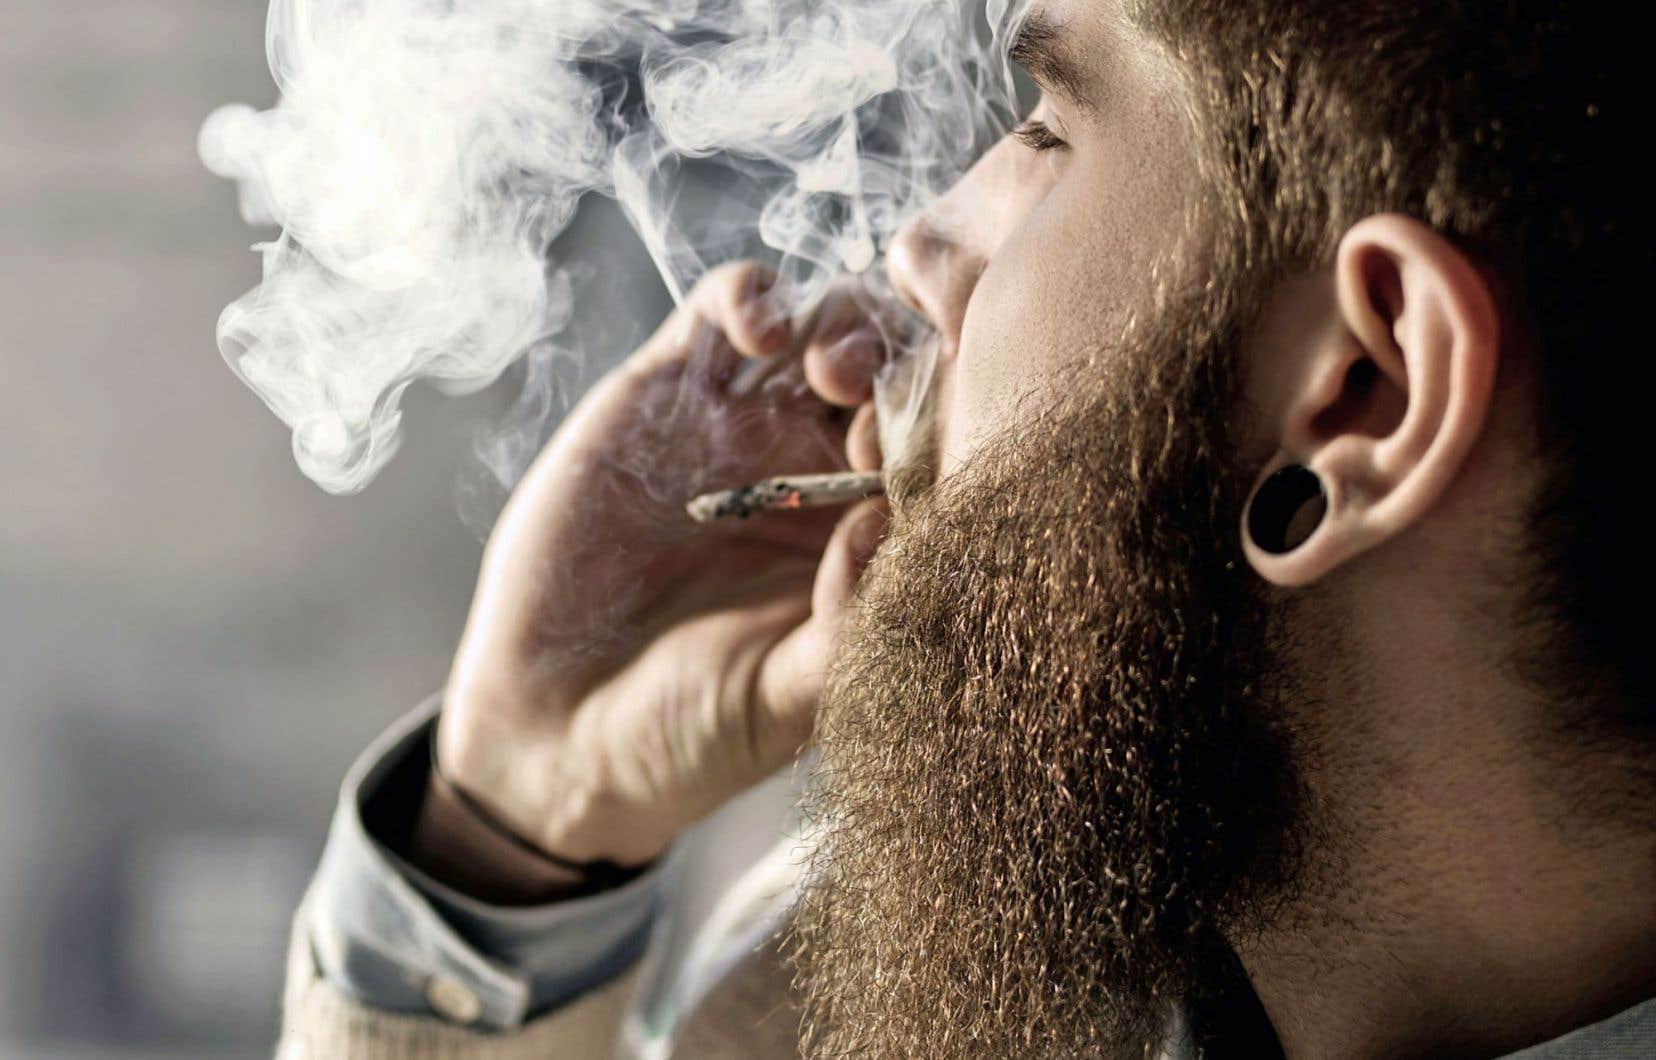 Dans la catégorie des 15 à 24 ans, ce sont près de 4 jeunes sur 10 qui affirment avoir consommé du cannabis dans la dernière année. L'usage diminue avec l'âge.